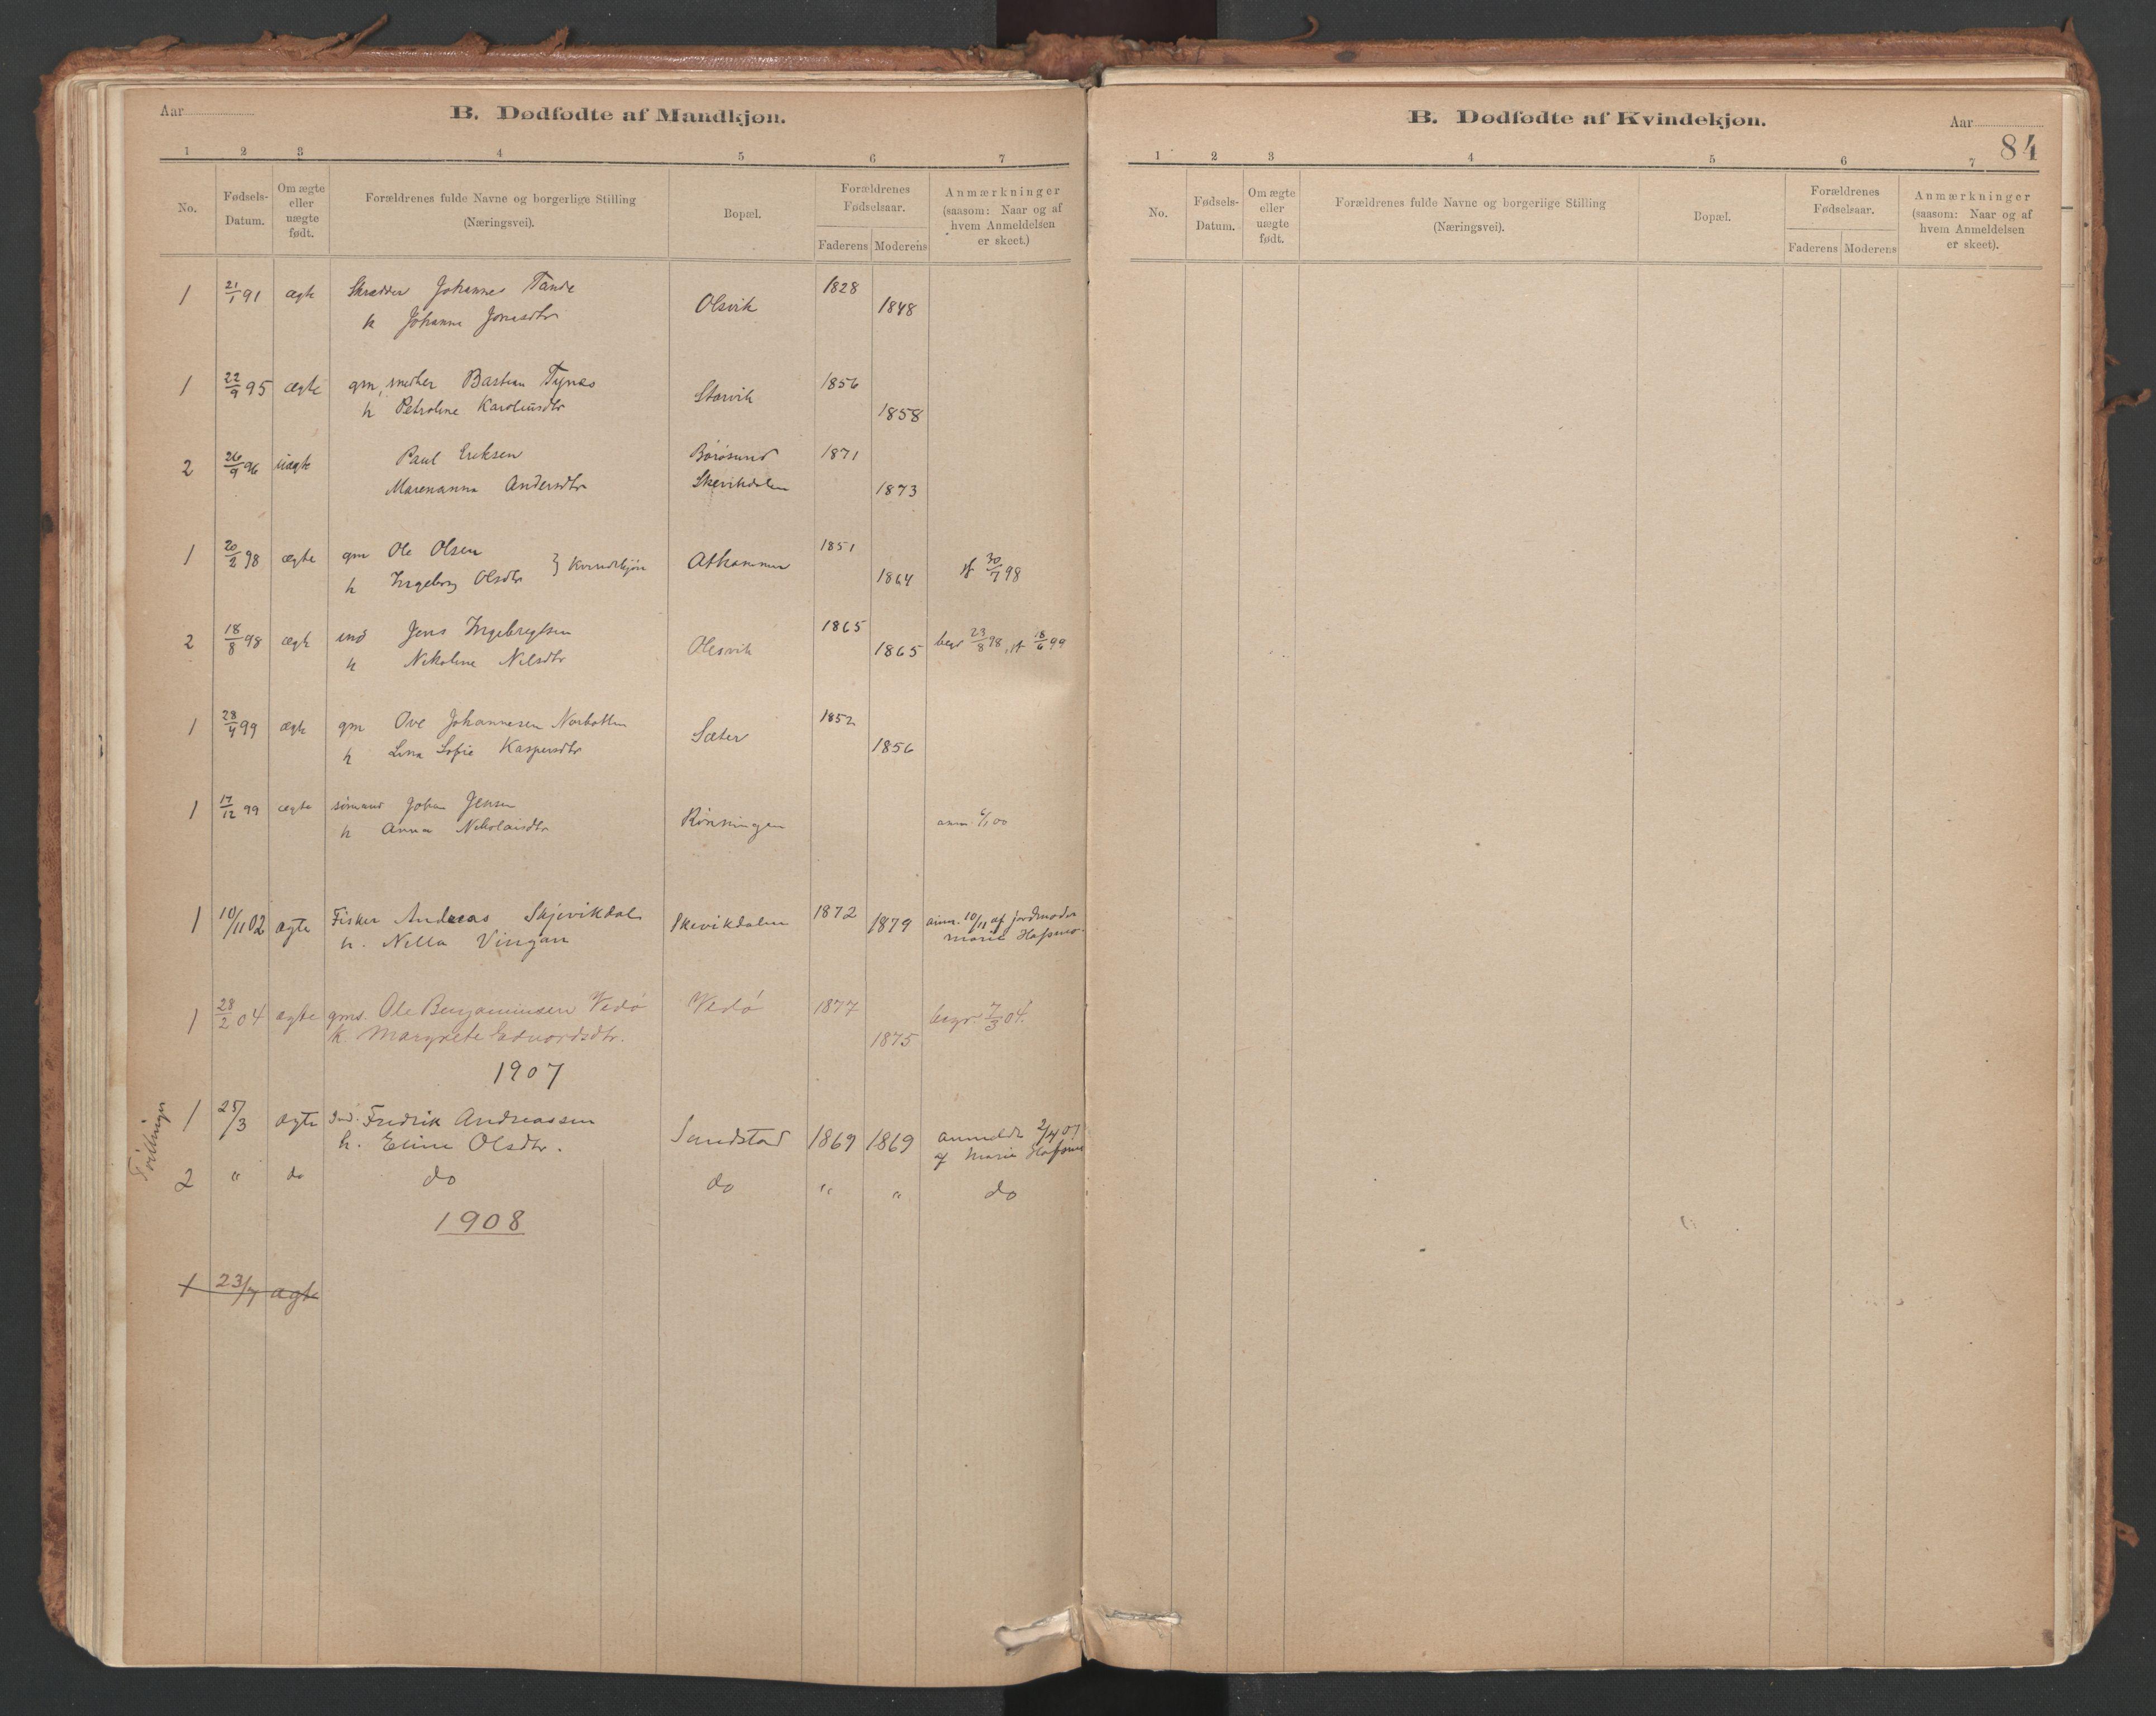 SAT, Ministerialprotokoller, klokkerbøker og fødselsregistre - Sør-Trøndelag, 639/L0572: Ministerialbok nr. 639A01, 1890-1920, s. 84